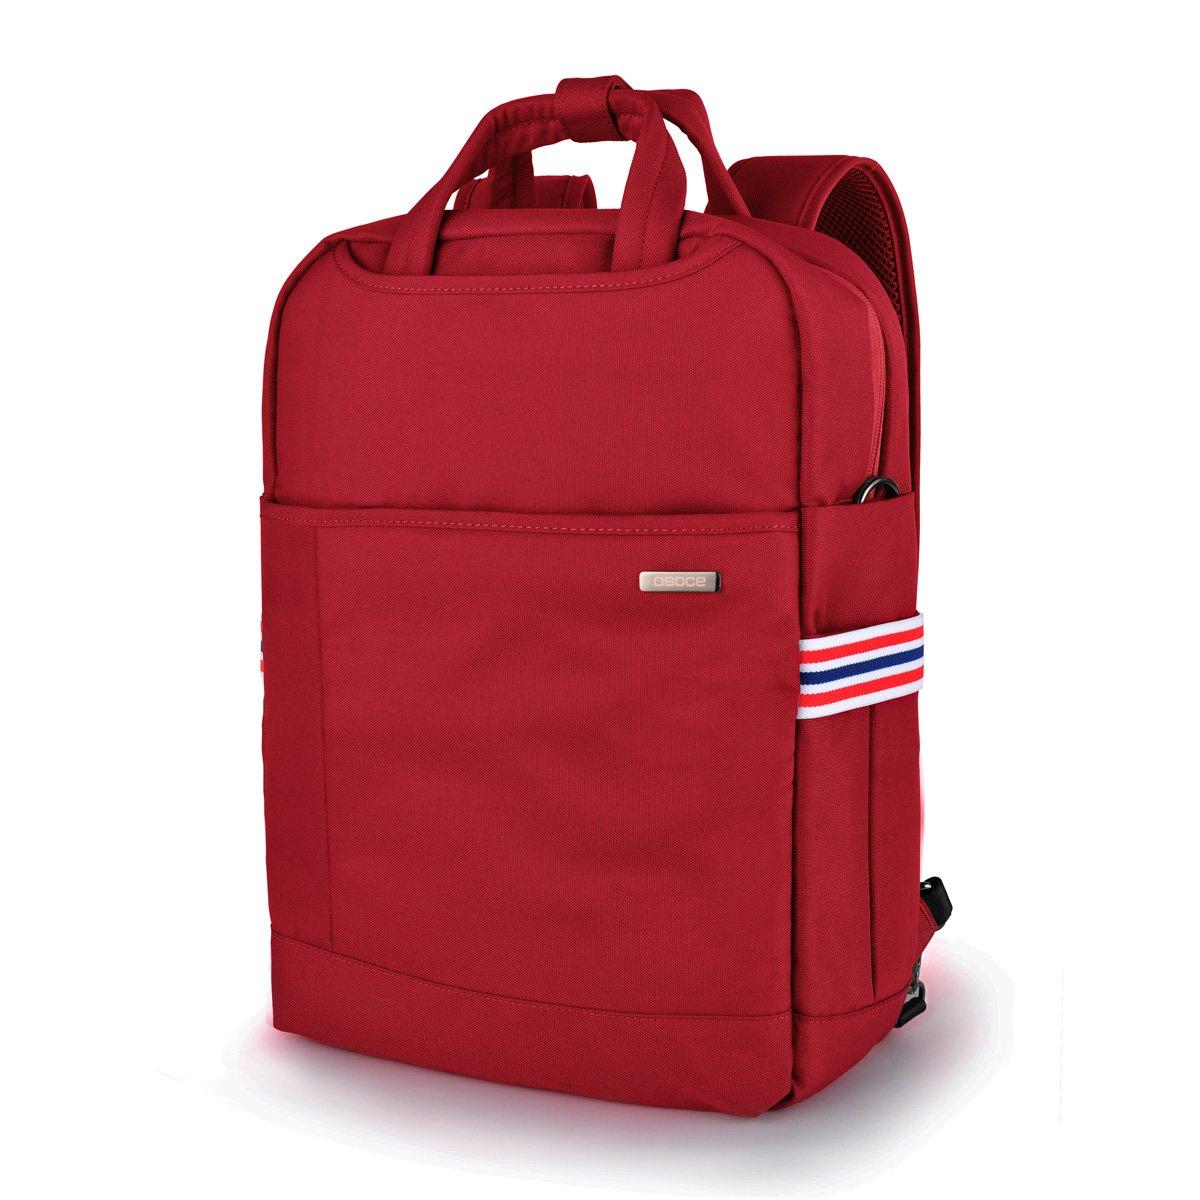 Laptop Backpack, Nylon Computer Bag, Travel Shoulder Bag, Carry Bag, Fits Under 15.6-Inch Laptop Notebook (Red)